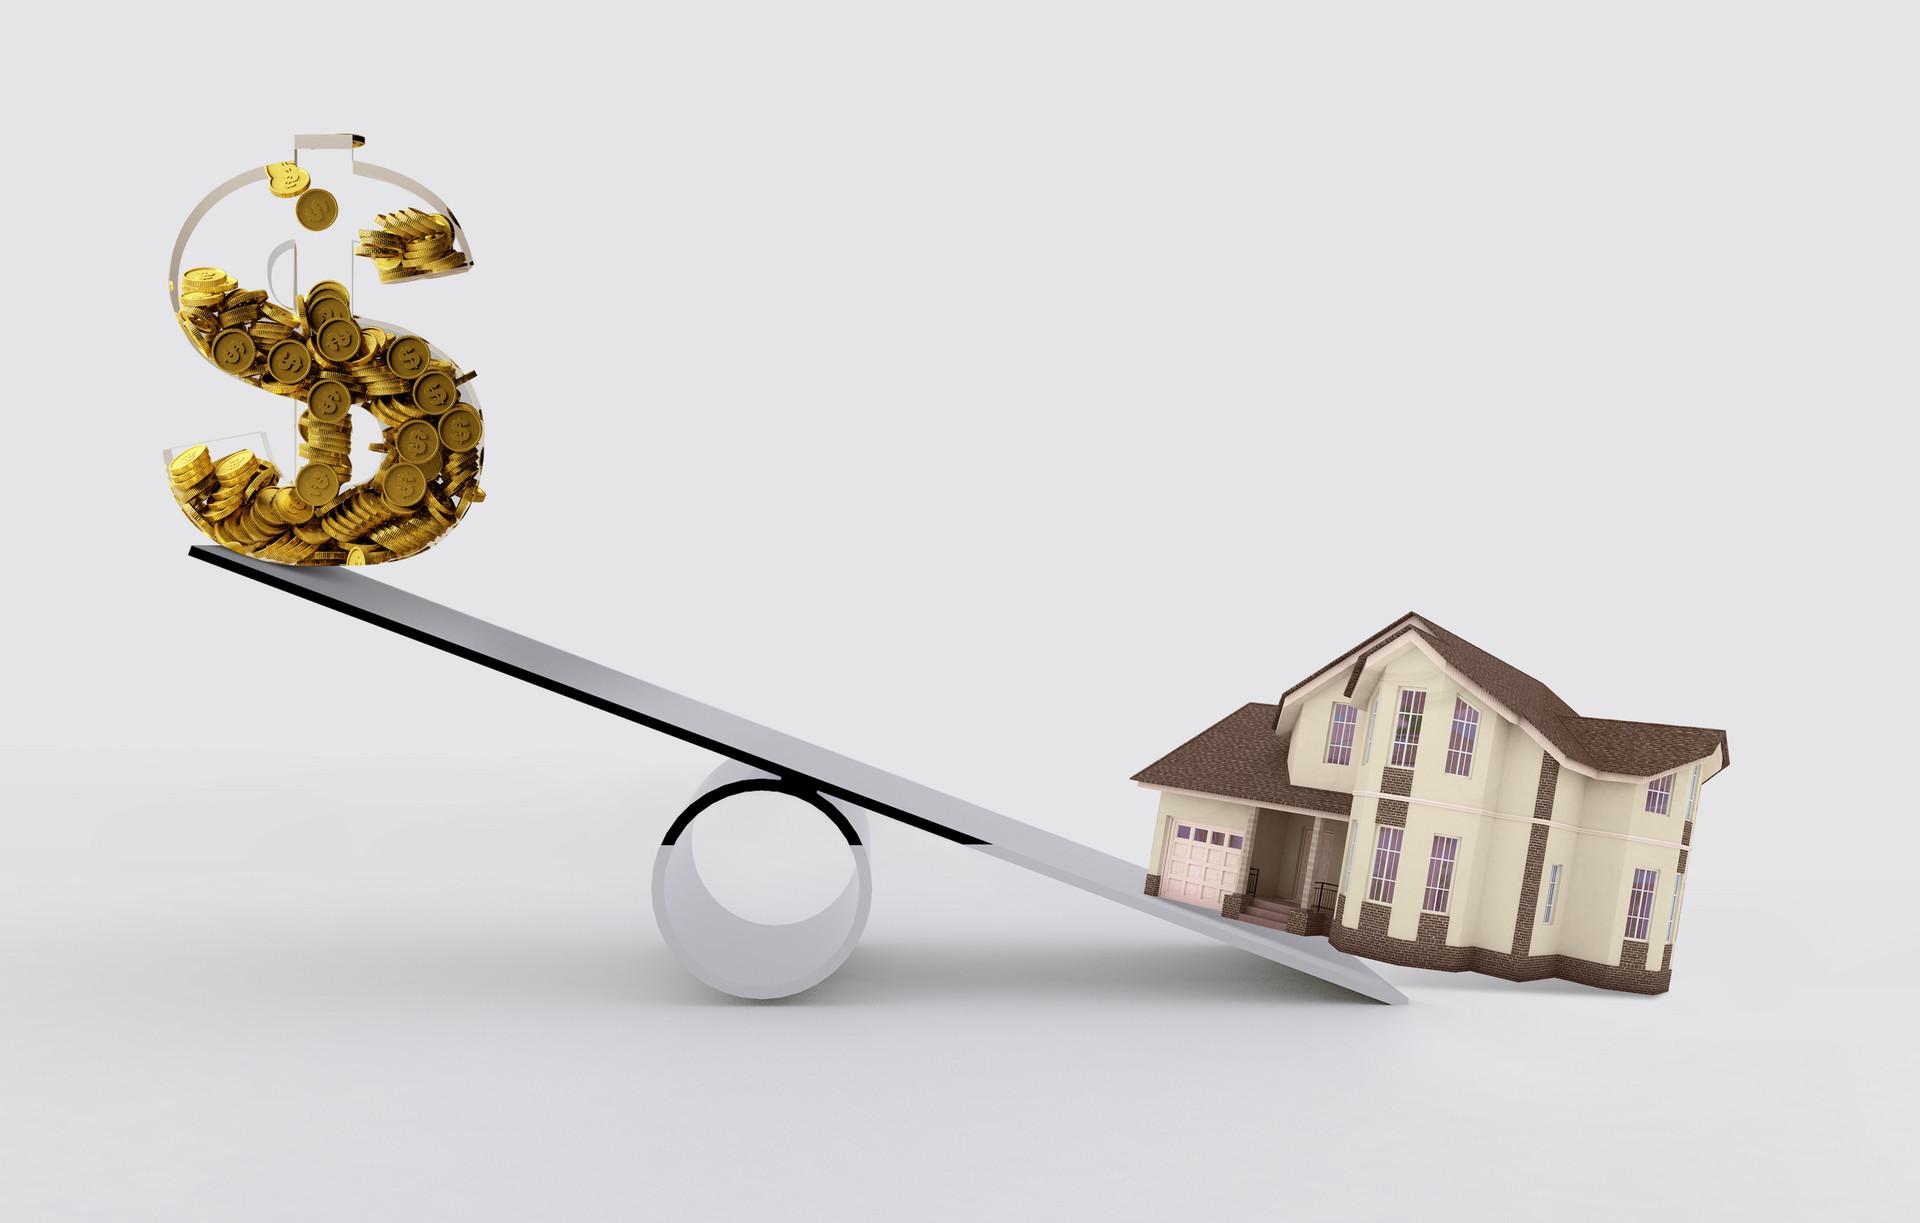 绿地净负债率高达183%,张玉良:大城市控房价应增加土地供给